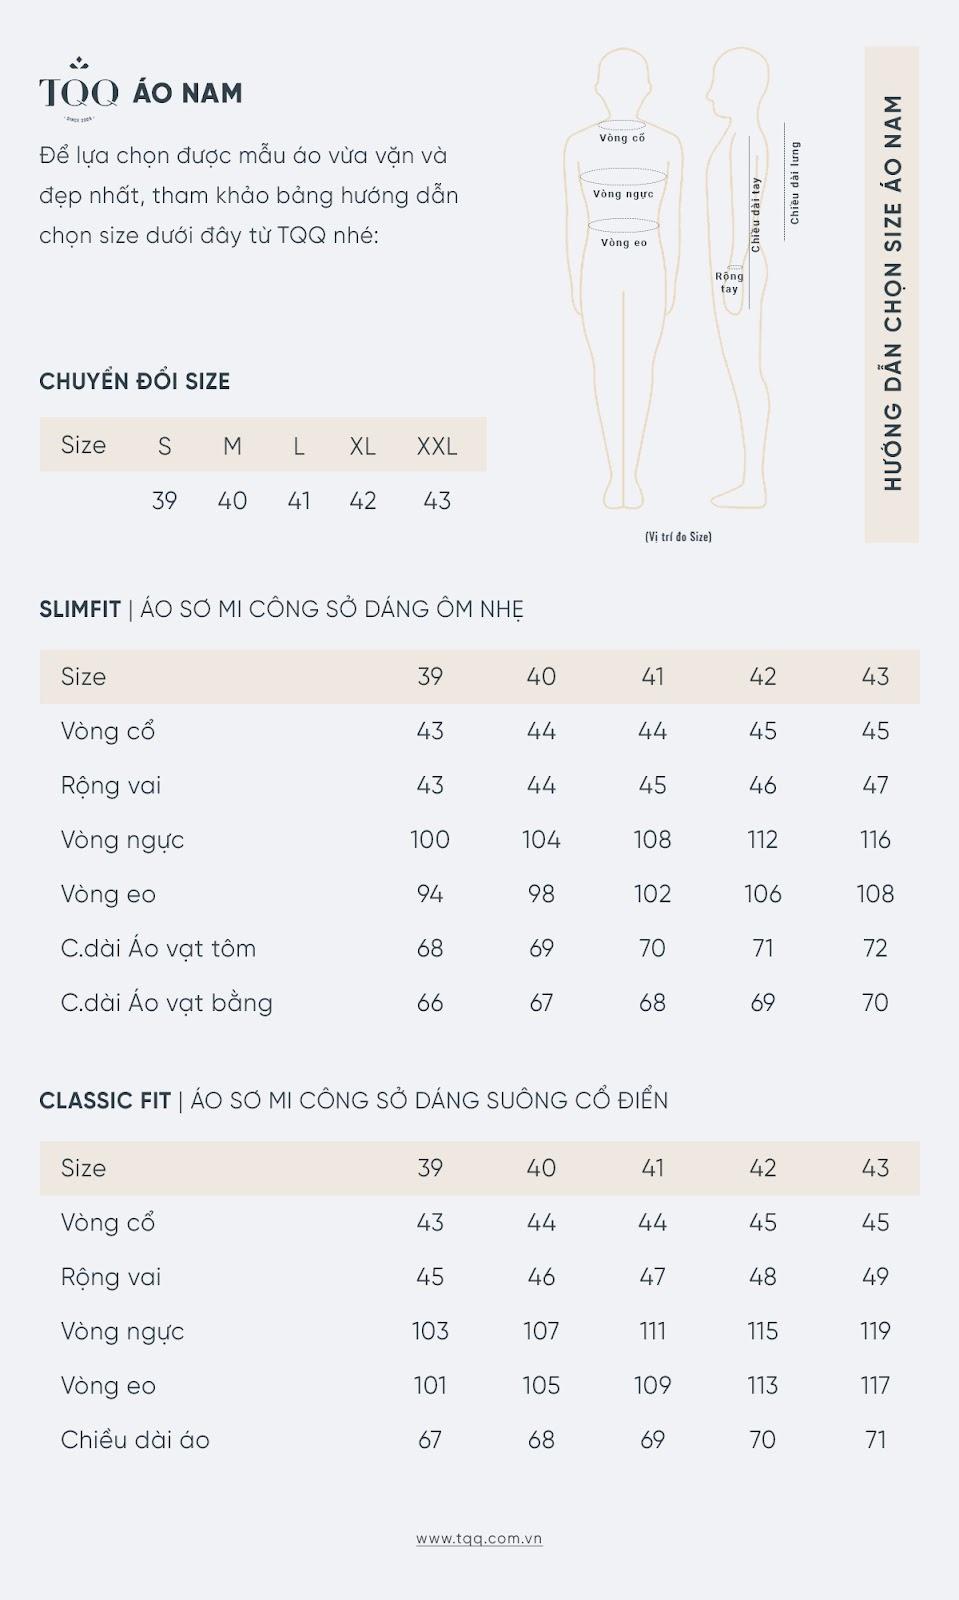 Bảng size áo sơ mi slimfit và classic fit theo số đo cơ thể